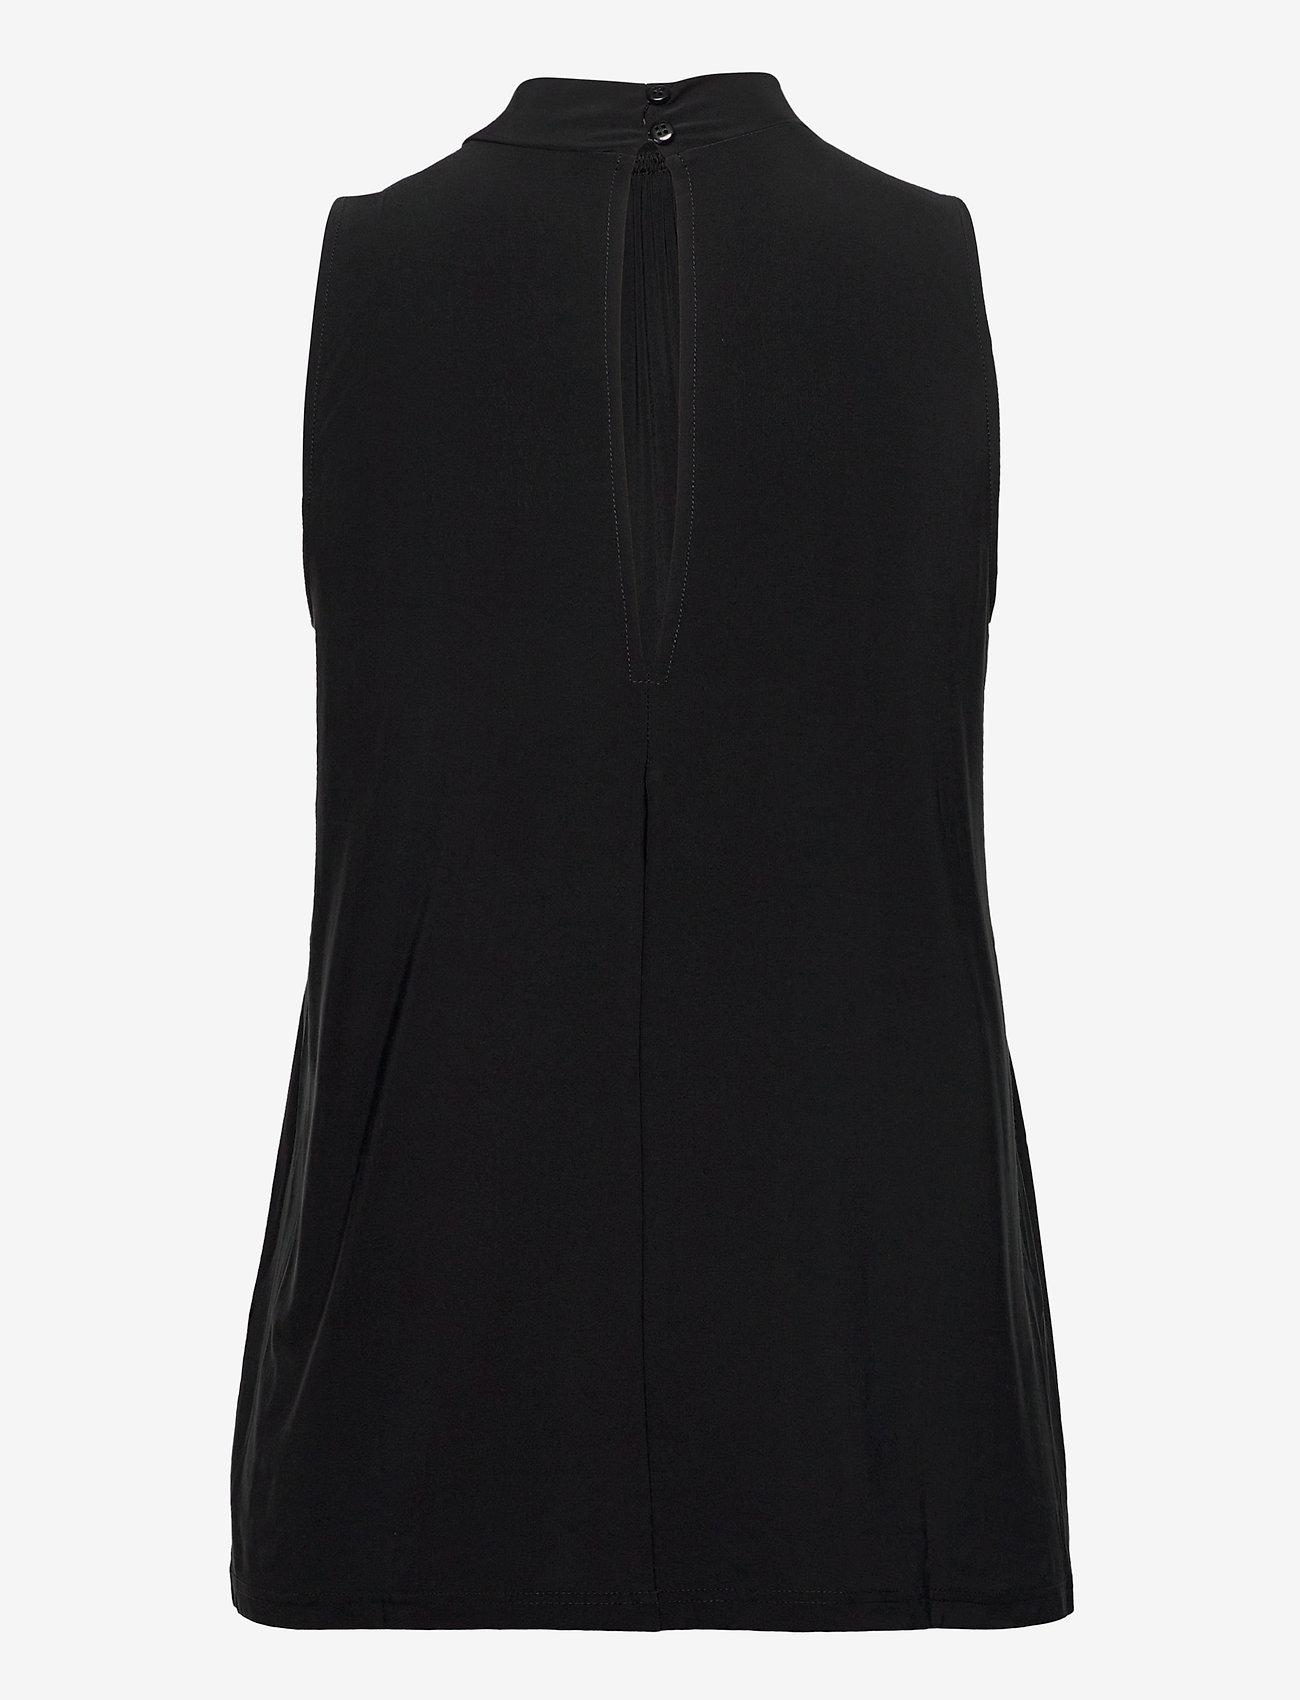 Ilse Jacobsen - TOP - blouses sans manches - black - 1